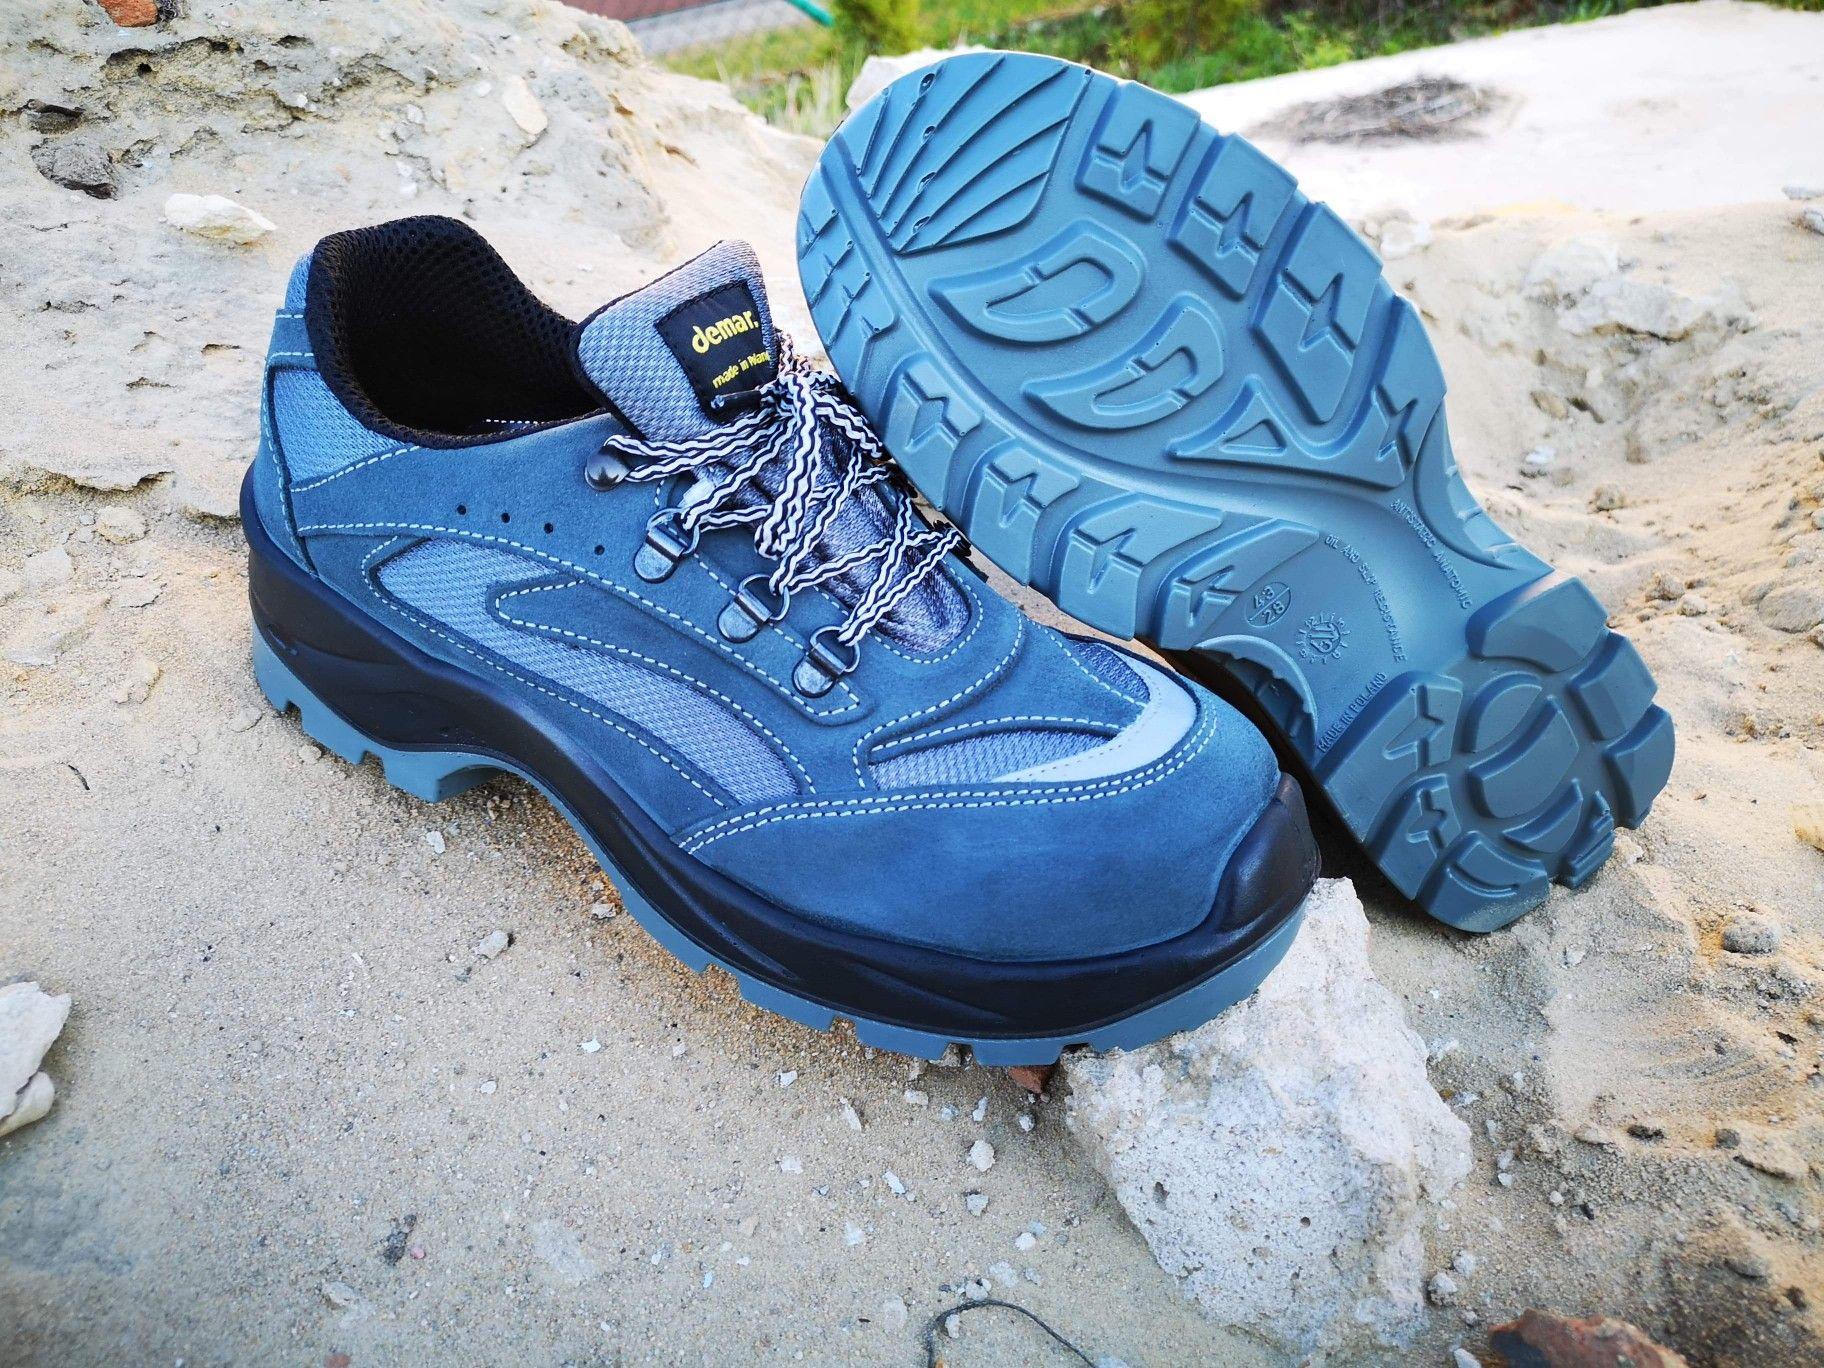 Polbuty Ochronne Demar 9 001 6080a Szare Lub 6080b Czerwone Odswiezone Work Boots Safety Boots Nike Air Max